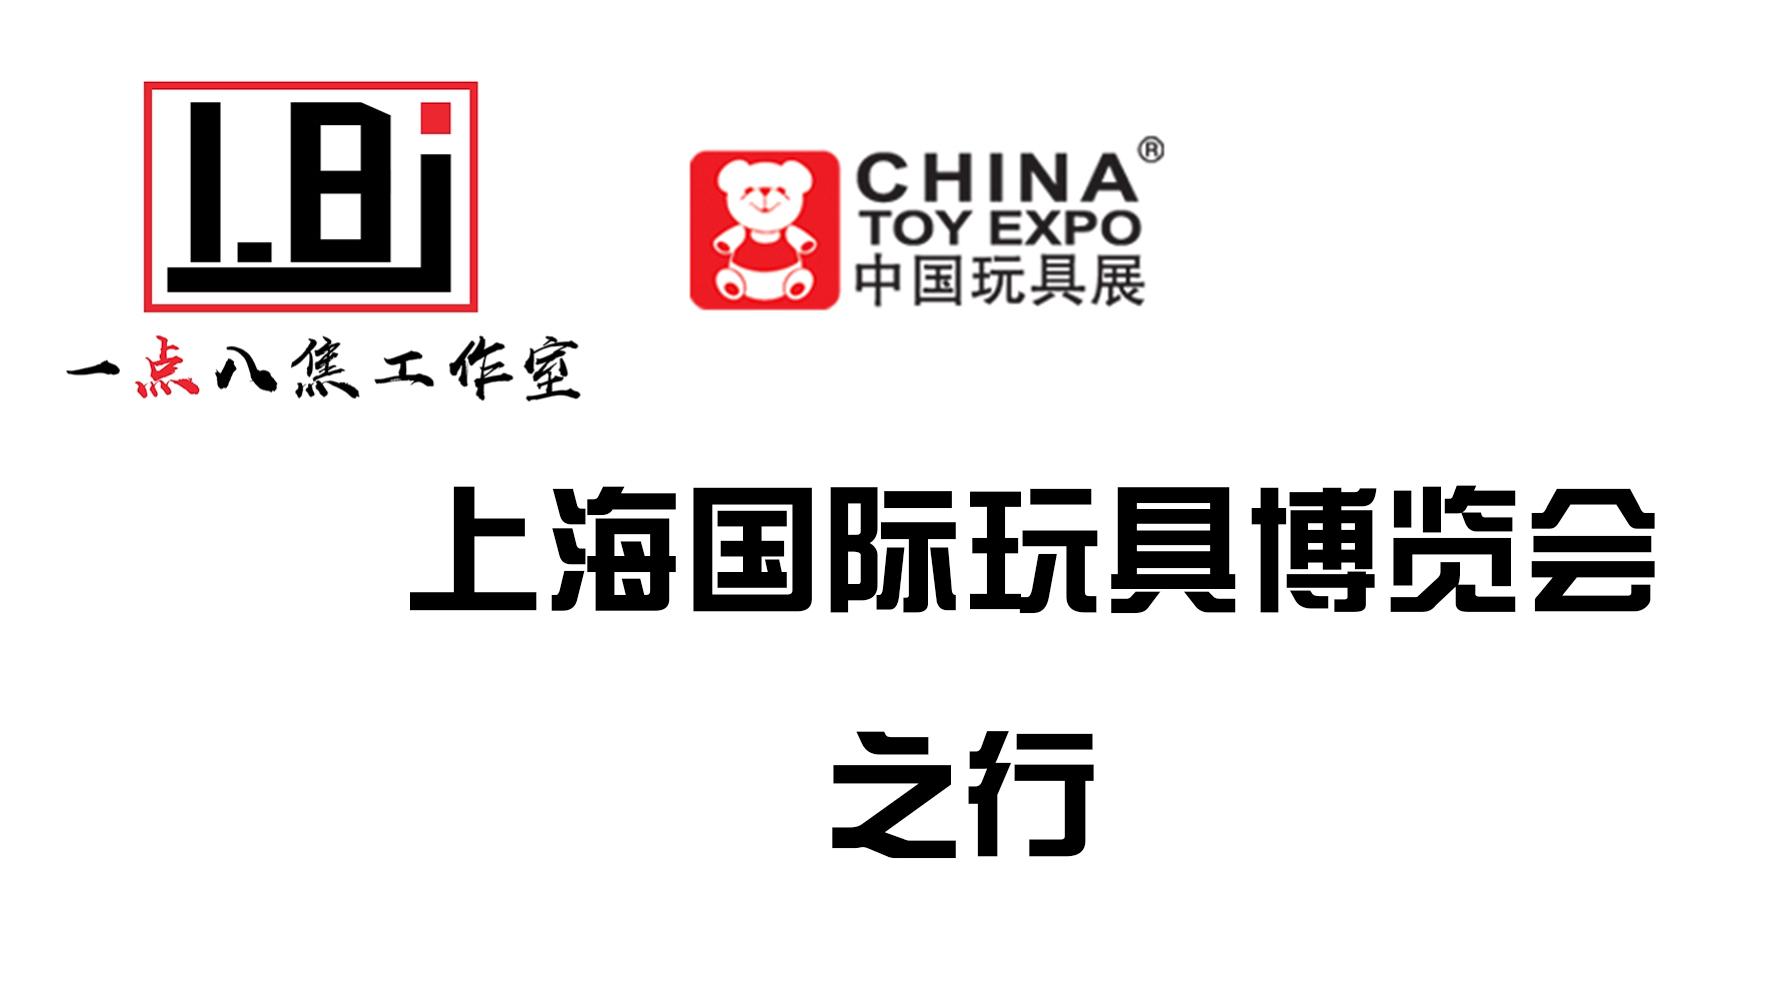 上海国际玩具博览会之行 一点八焦工作室